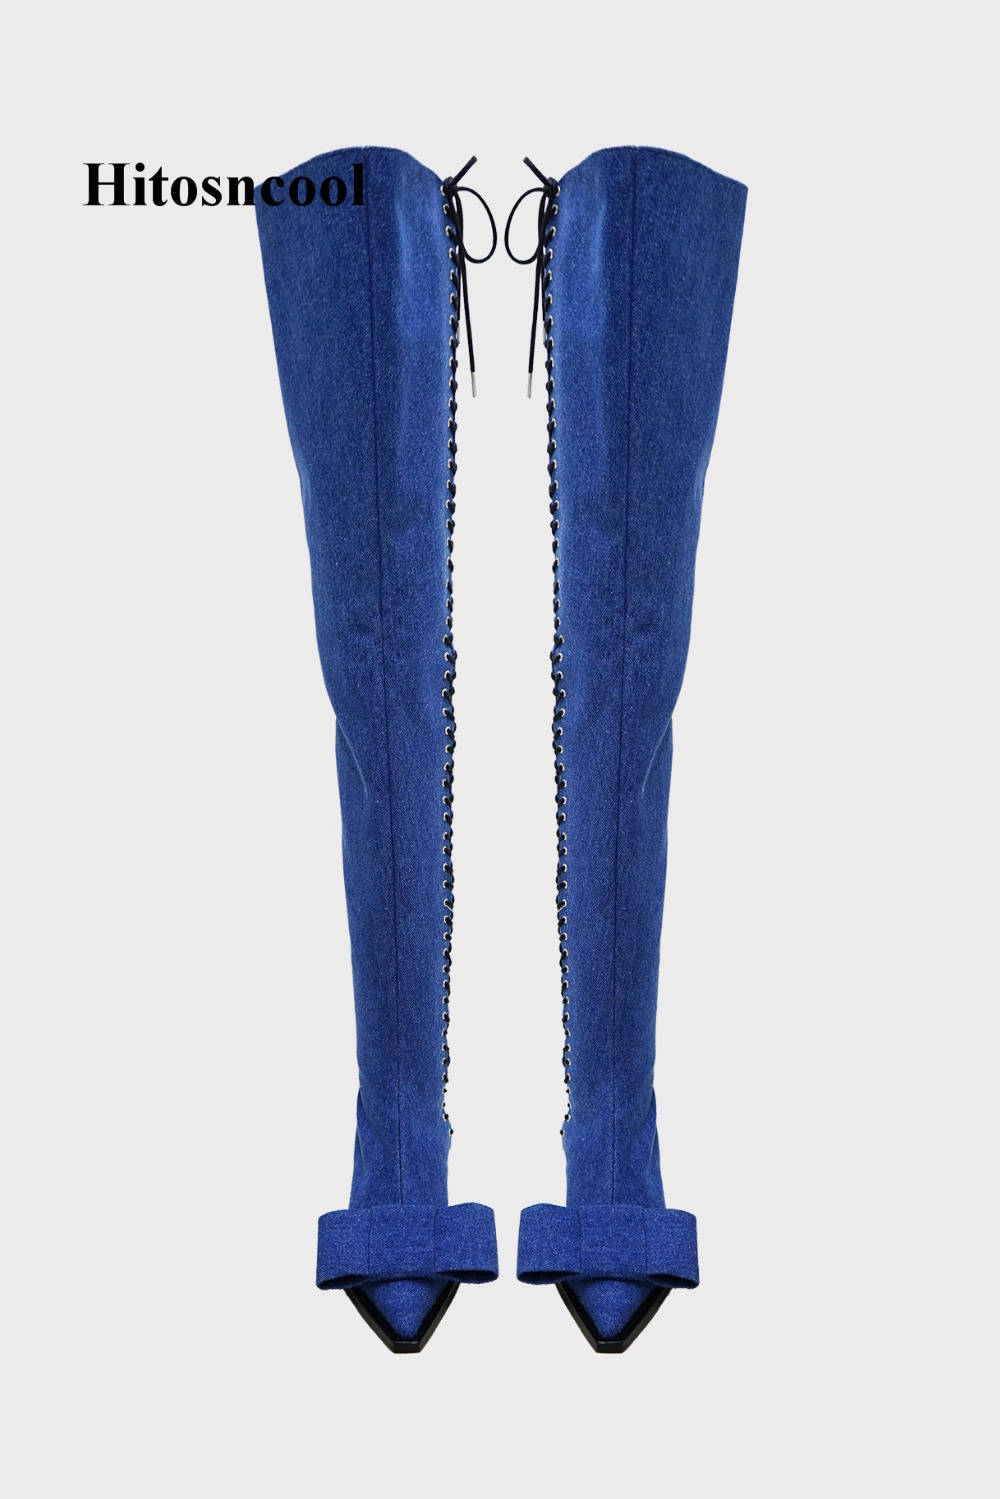 d52fbc7e Puntiagudo Zapatos De La Botas azul Azul Pantalones Del Negro Vaqueros  Encaje Negro Rodilla Nuevo Encima Por Mujer Extraño Lazo Dedo Tacones ...